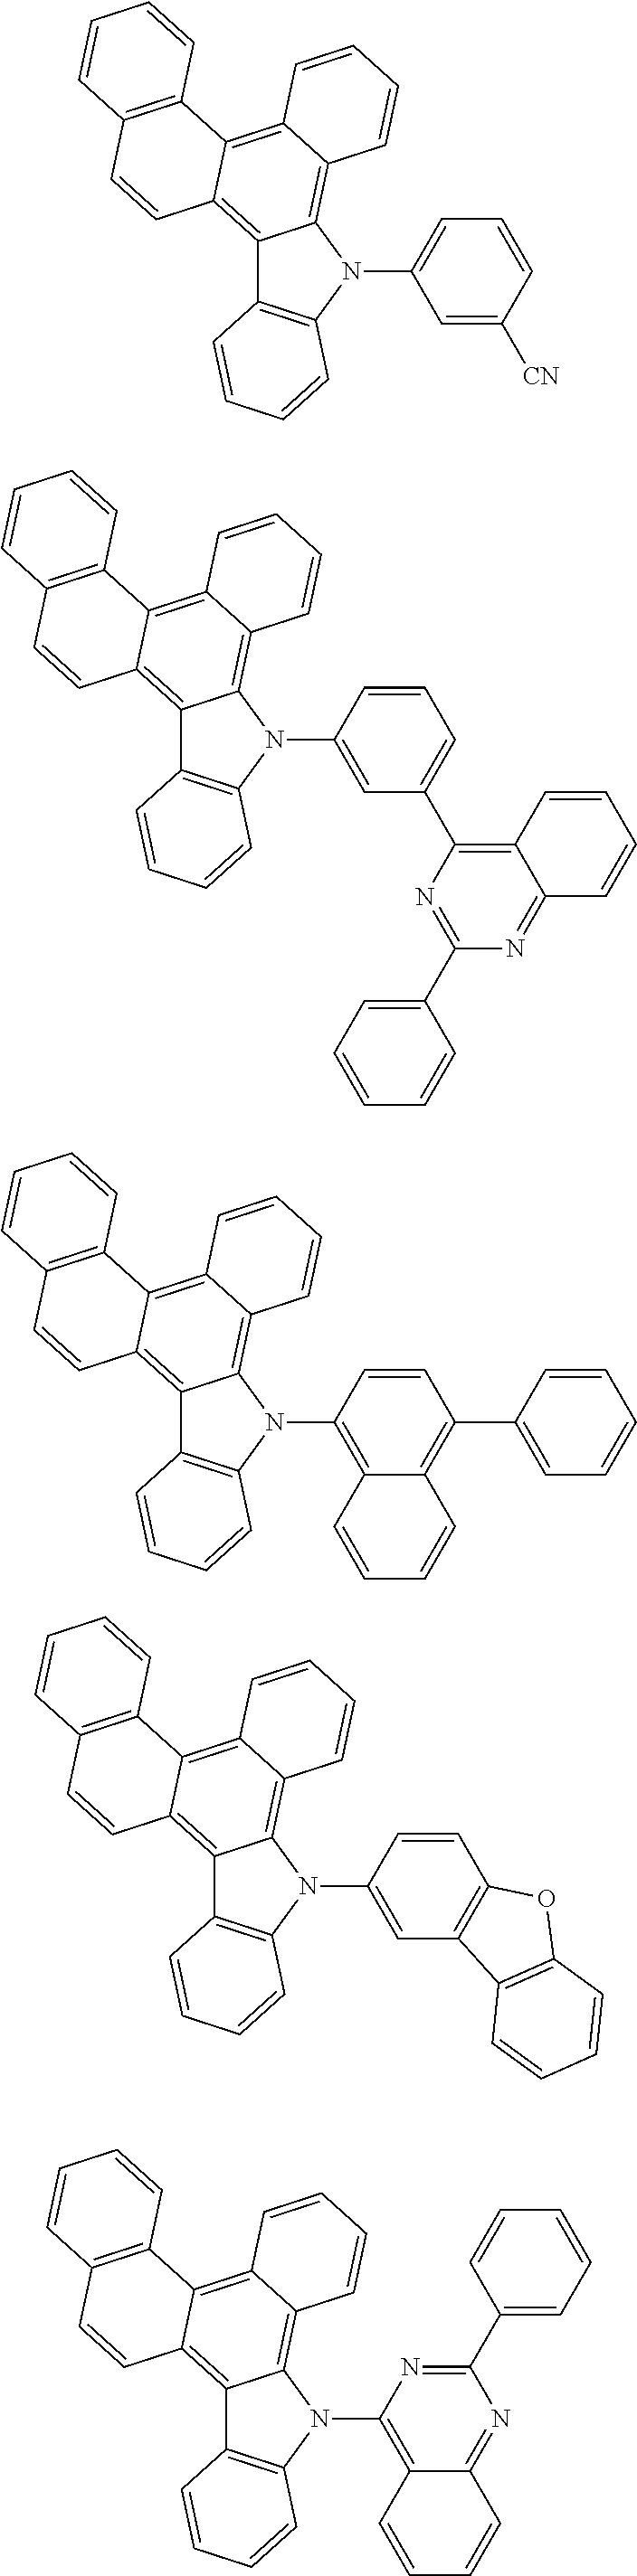 Figure US09837615-20171205-C00048